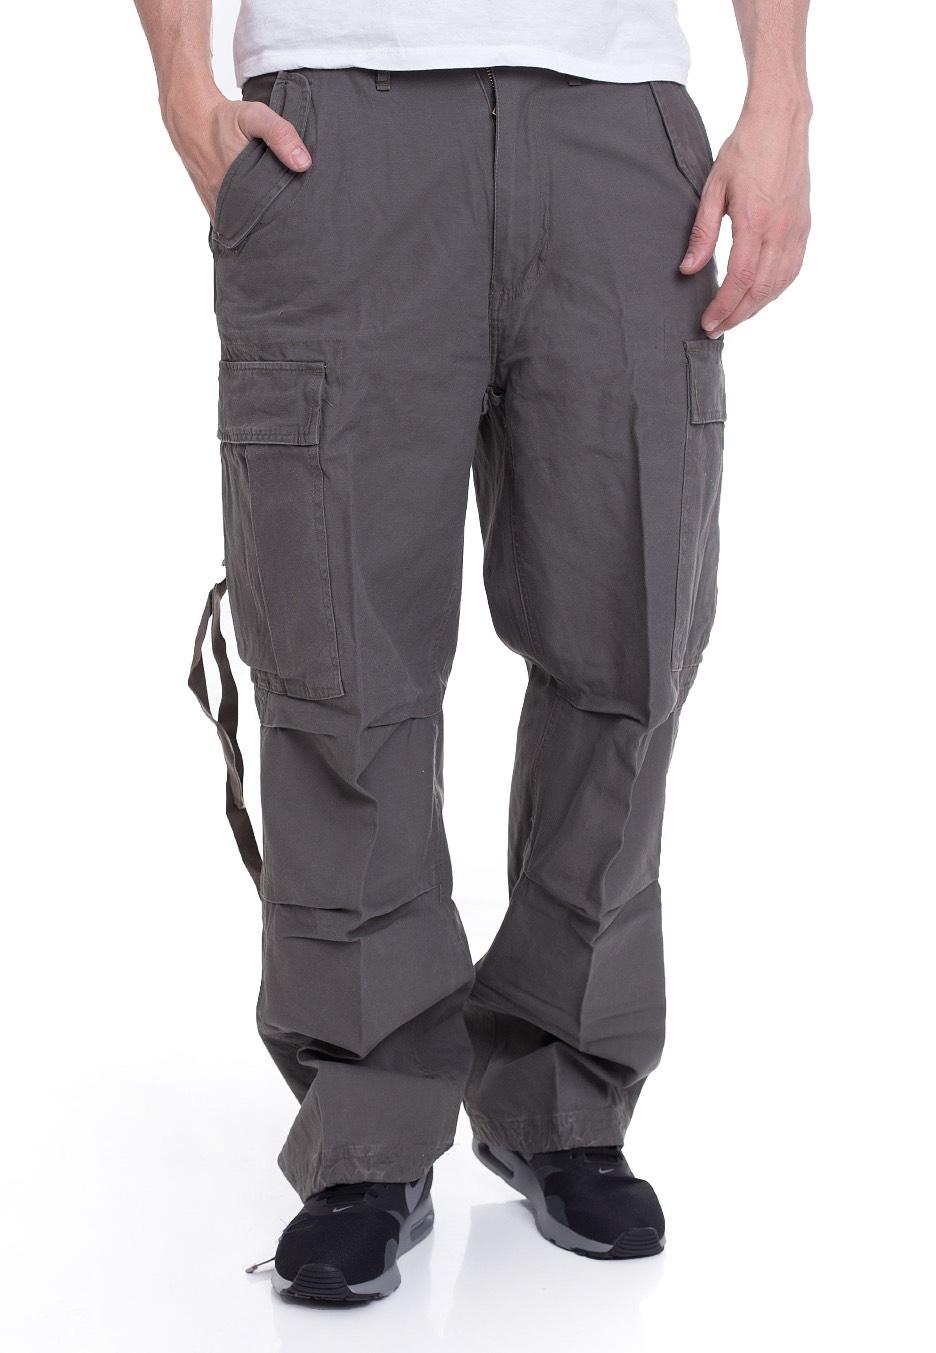 Brandit - M-65 Vintage Oliv - Pants - Streetwear Shop - Impericon.com  Worldwide 3de5493413d